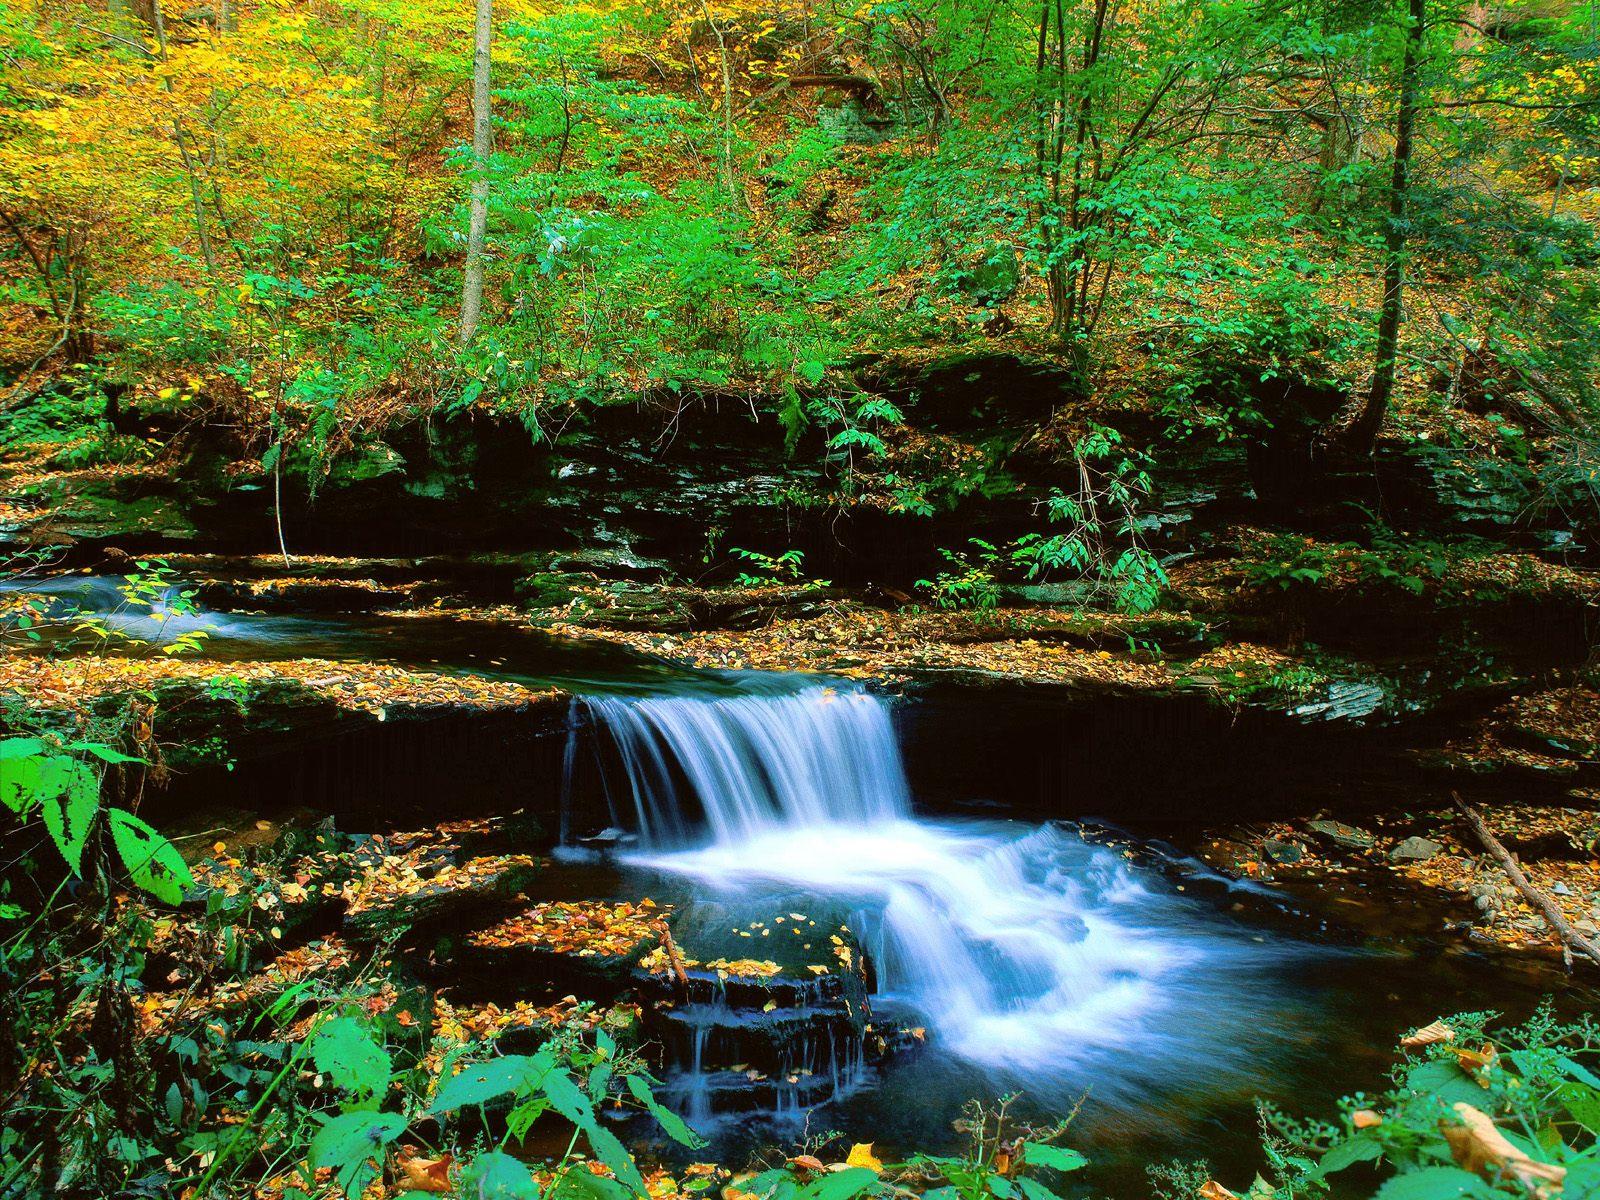 Hd widescreen wallpapers beautiful desktop waterfall for Waterfall landscape